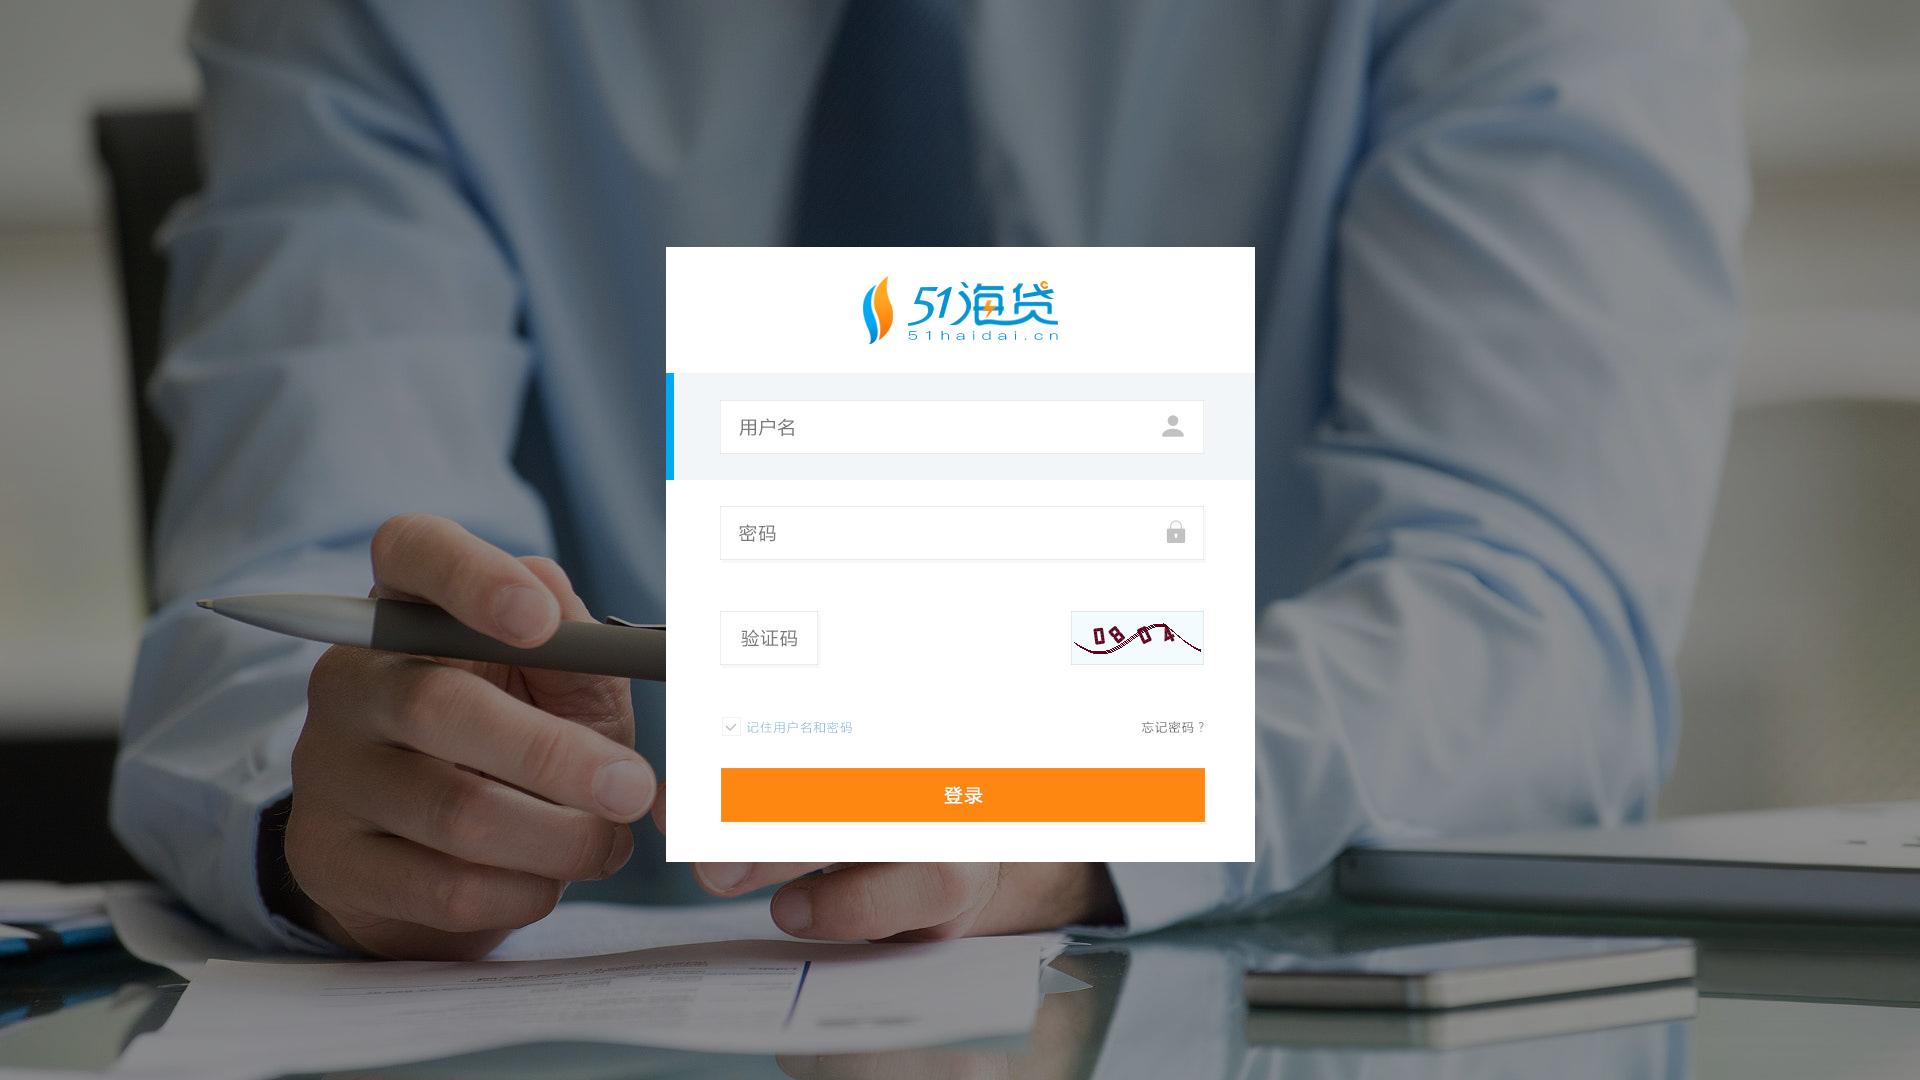 海贷后台登录及找回密码|网页|企业官网|happy708090